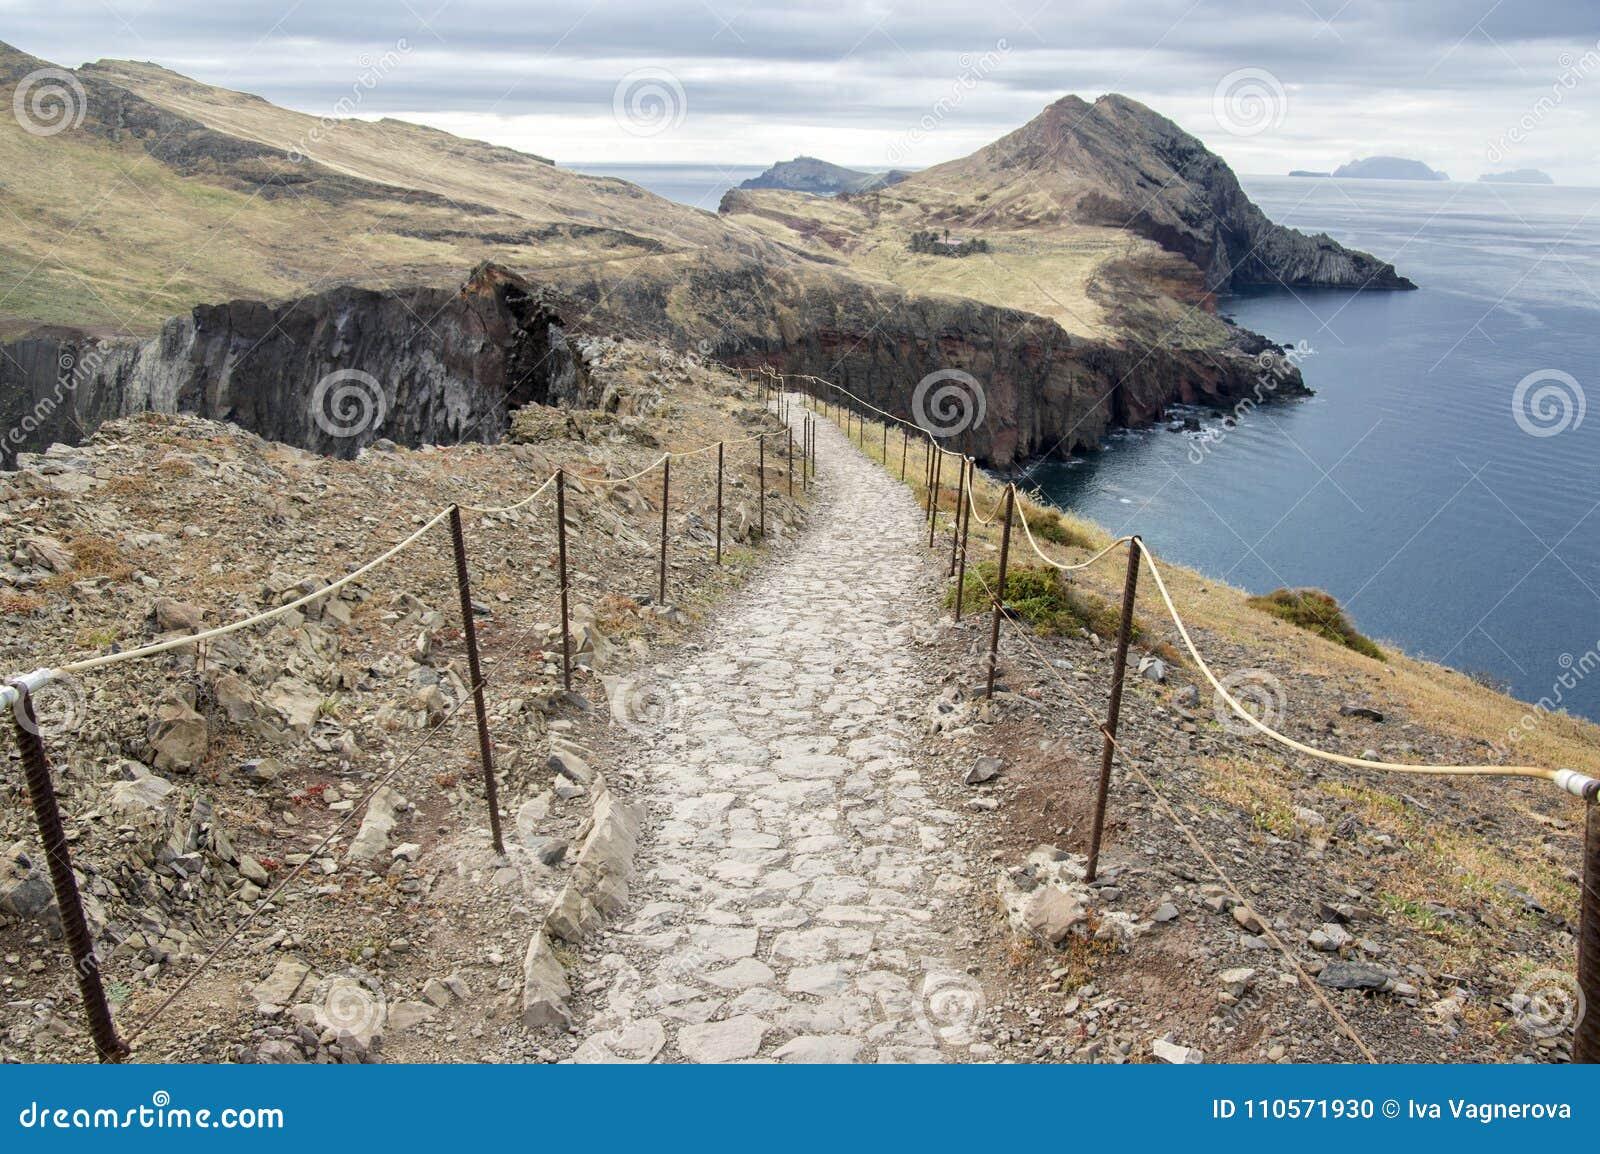 Meest oostelijke deel van het eiland Madera, Ponta DE Sao Lourenco, Canical-stad, schiereiland, droog klimaat